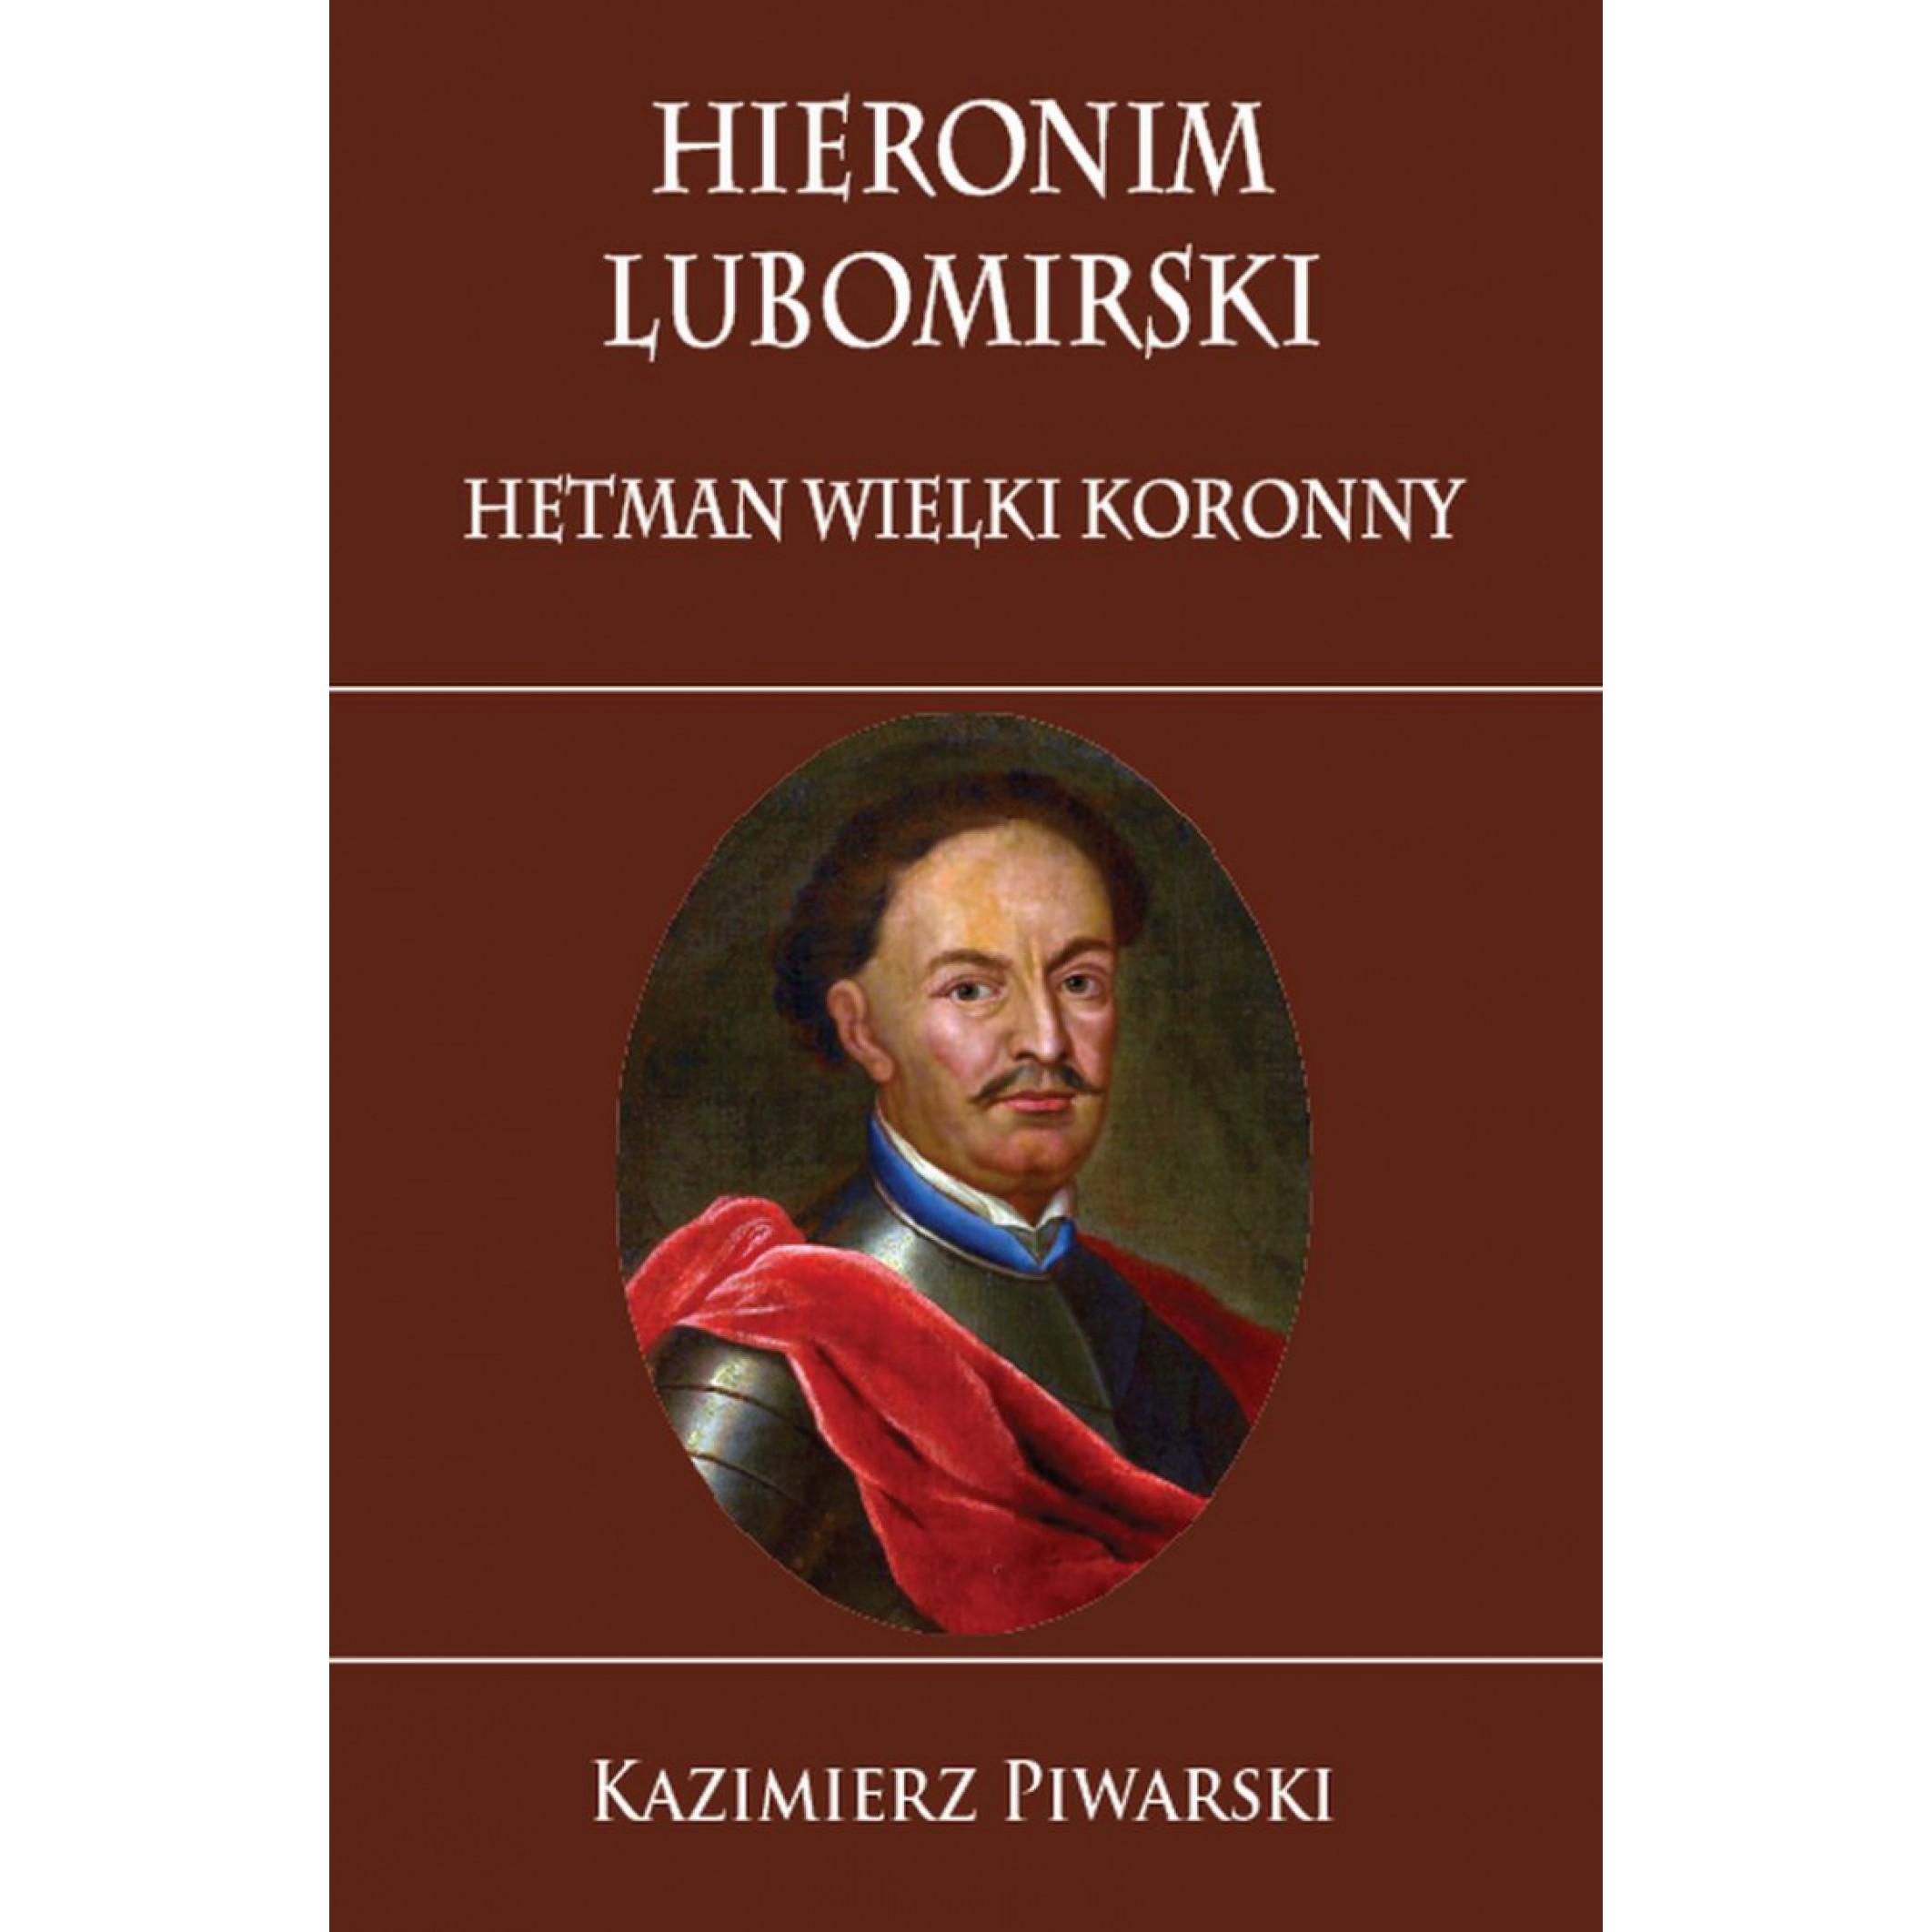 Hieronim Lubomirski. Hetman Wielki Koronny